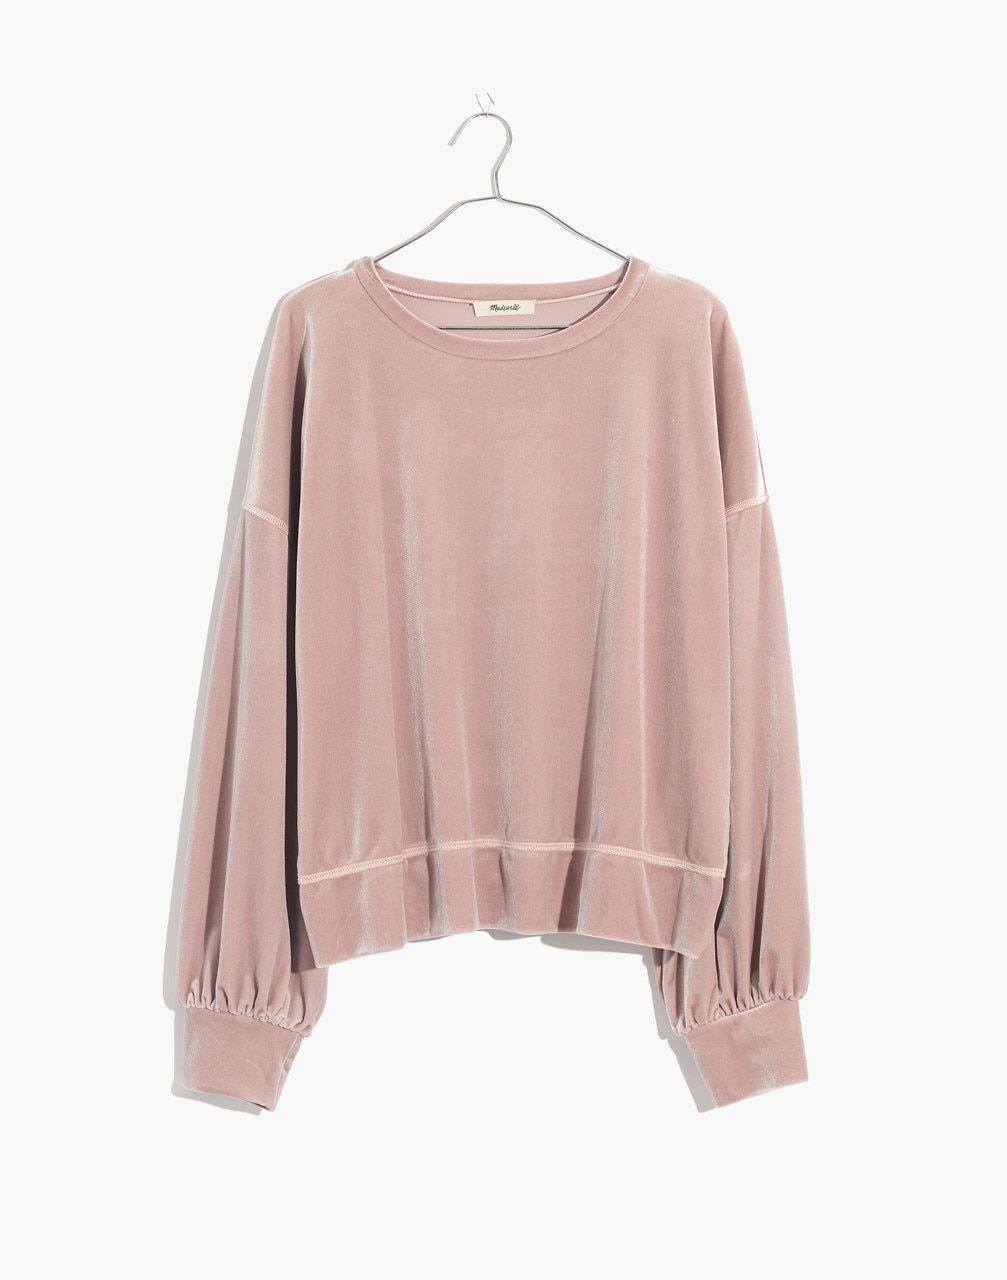 Velvet Balloon Sleeve Sweatshirt in 2020 | Fashion